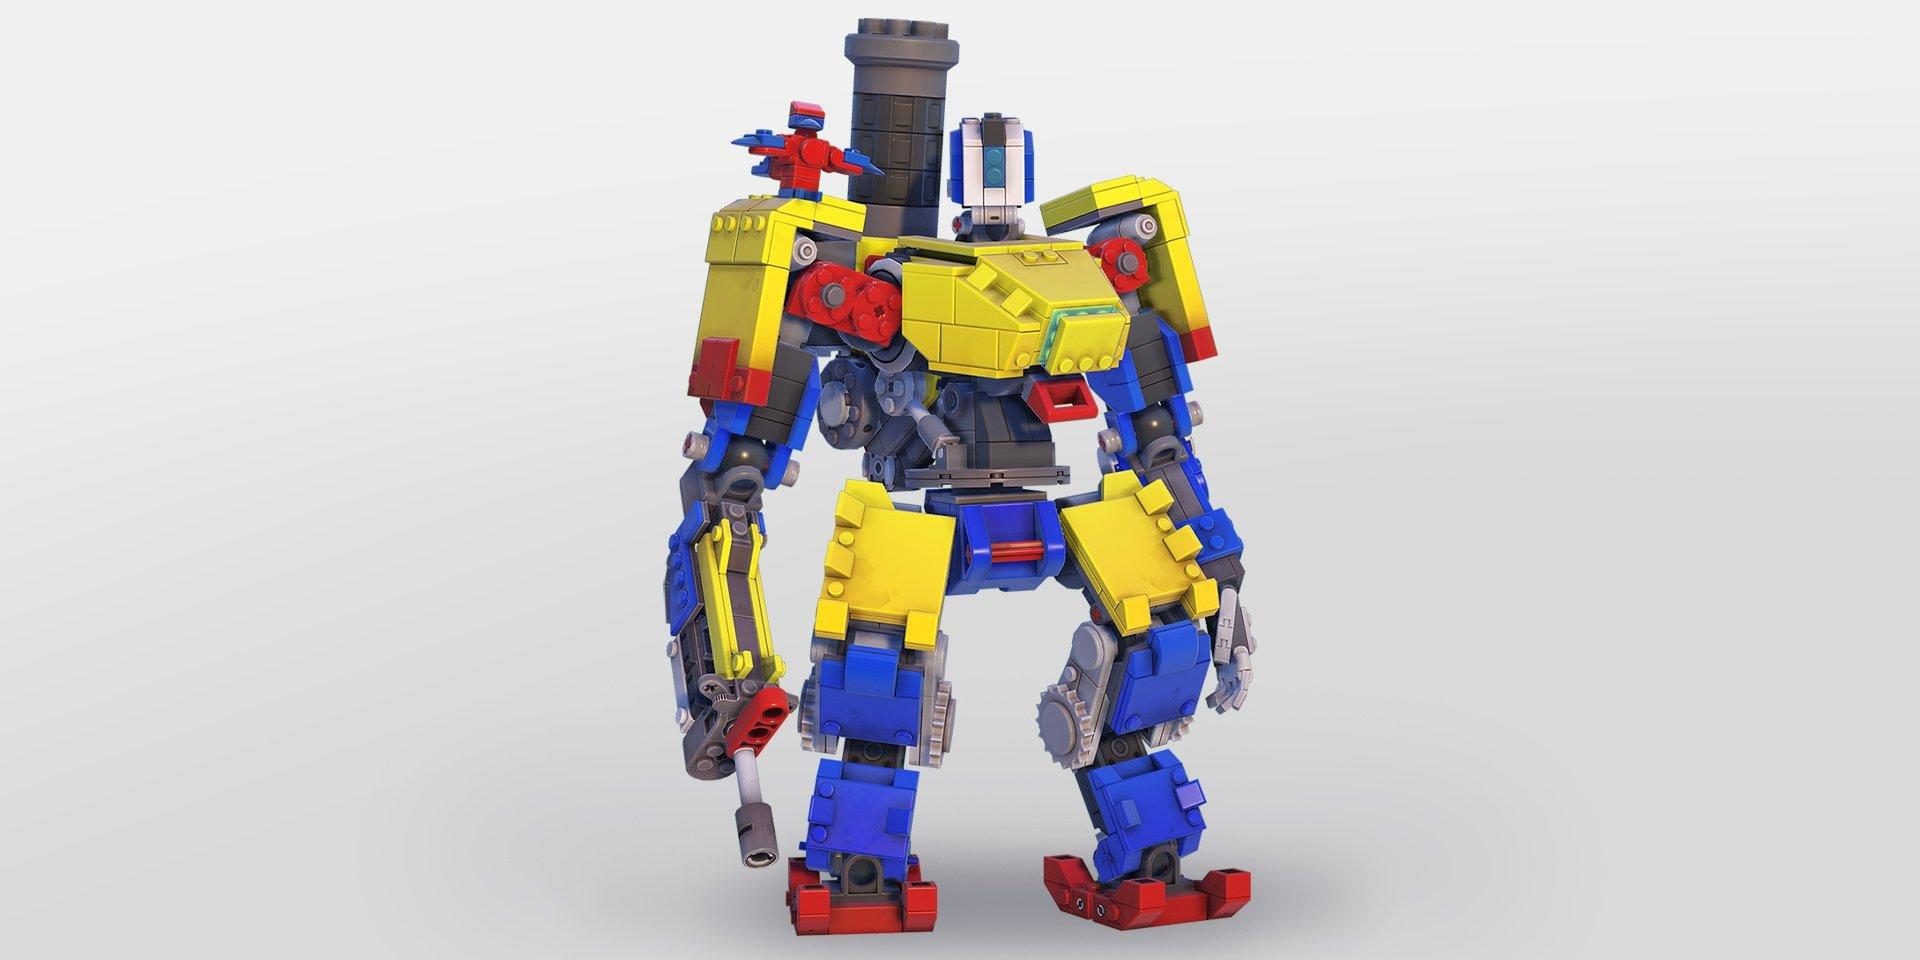 حصن Overwatch & يحصل على تحول LEGO مع بشرة جديدة 1